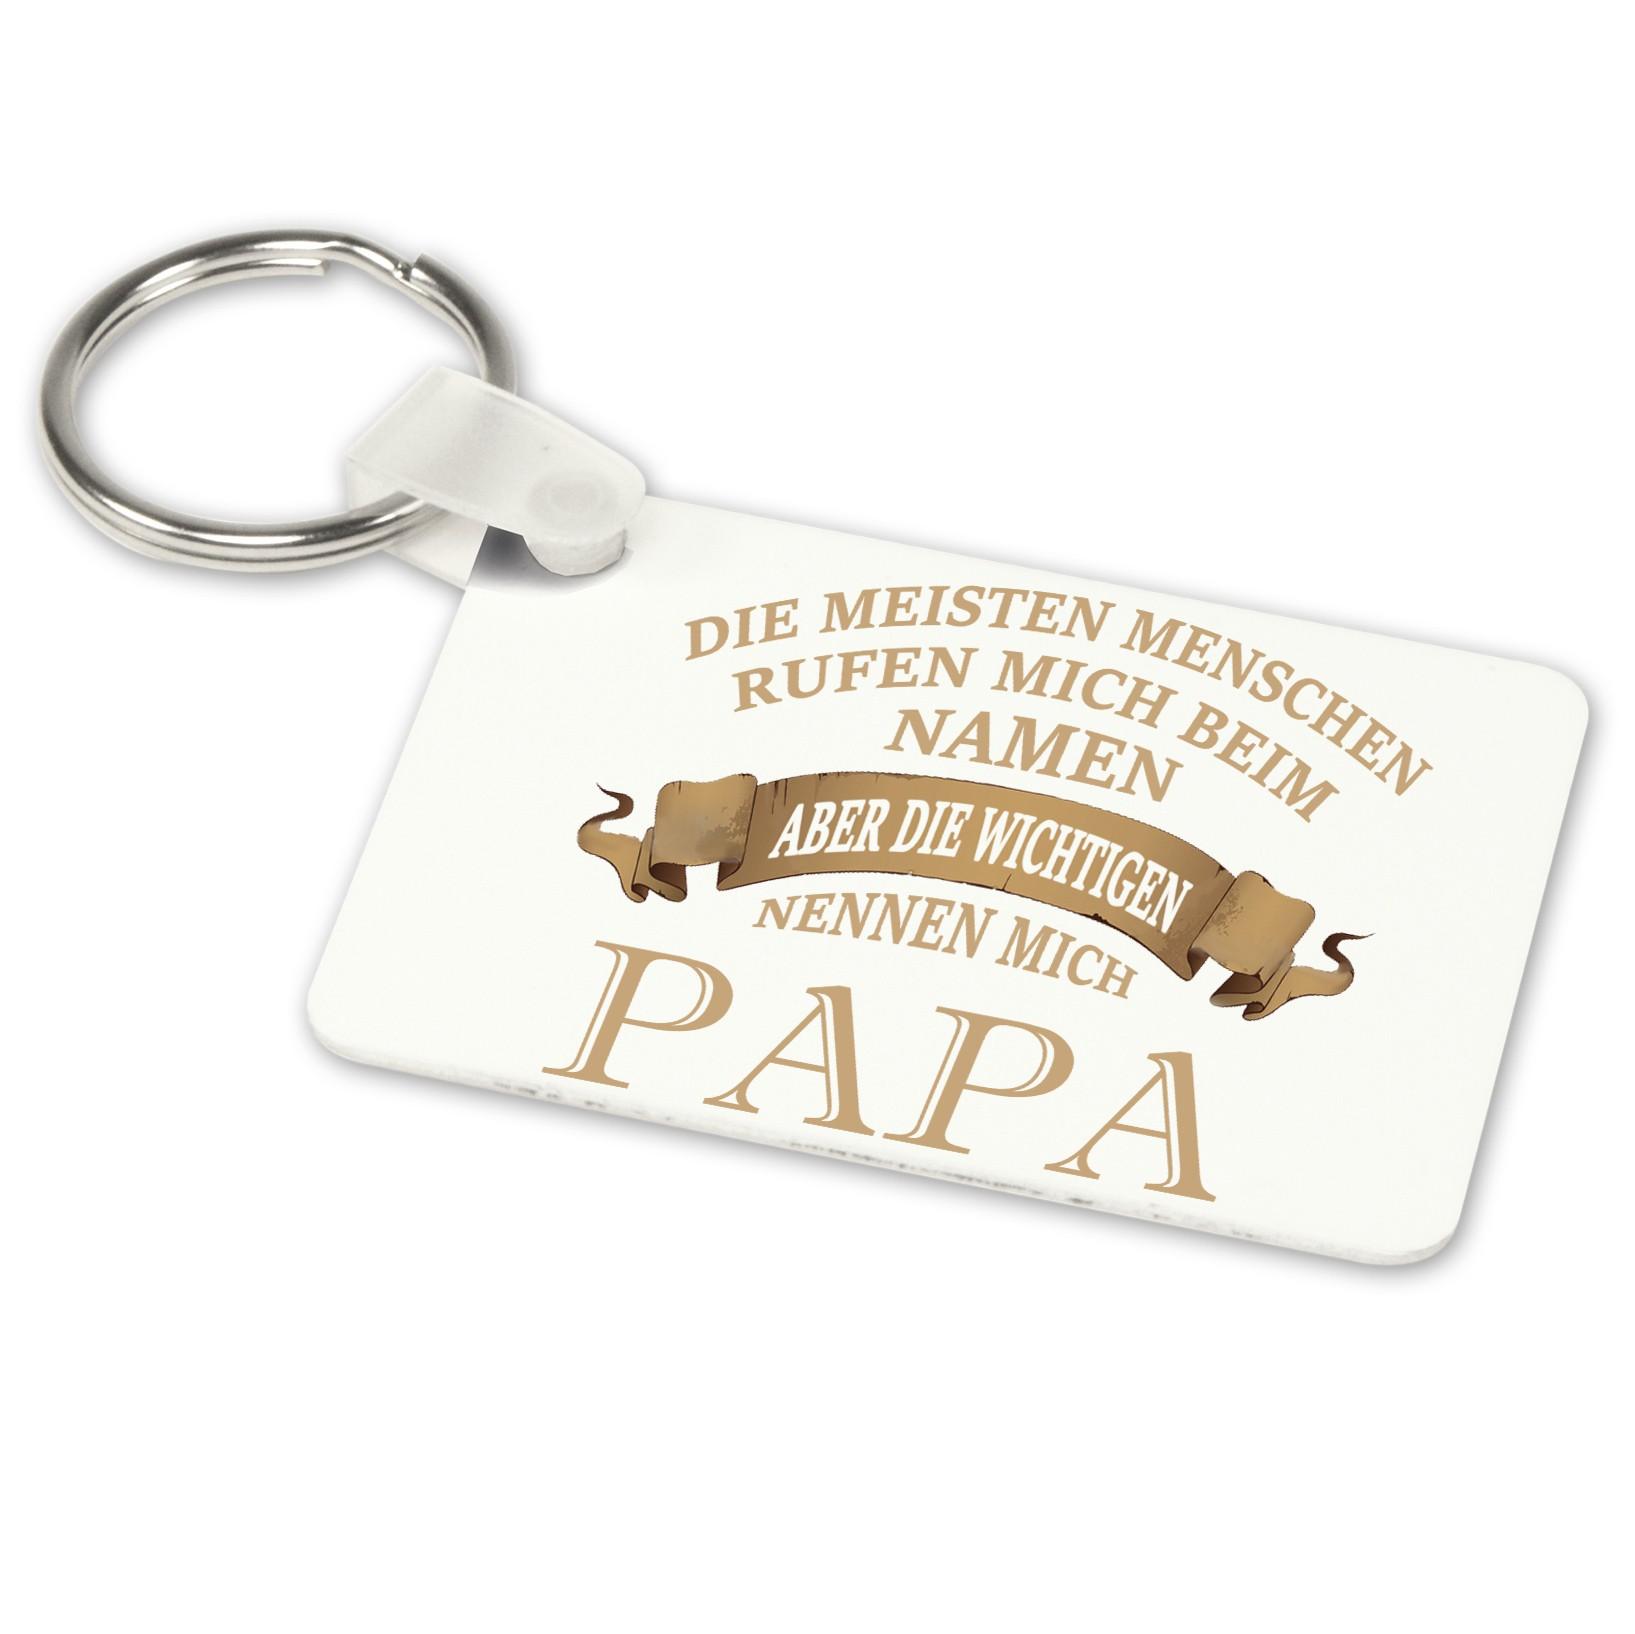 Alu-Schlüsselanhänger weiß - Modell: Die wichtigen nennen mich Papa